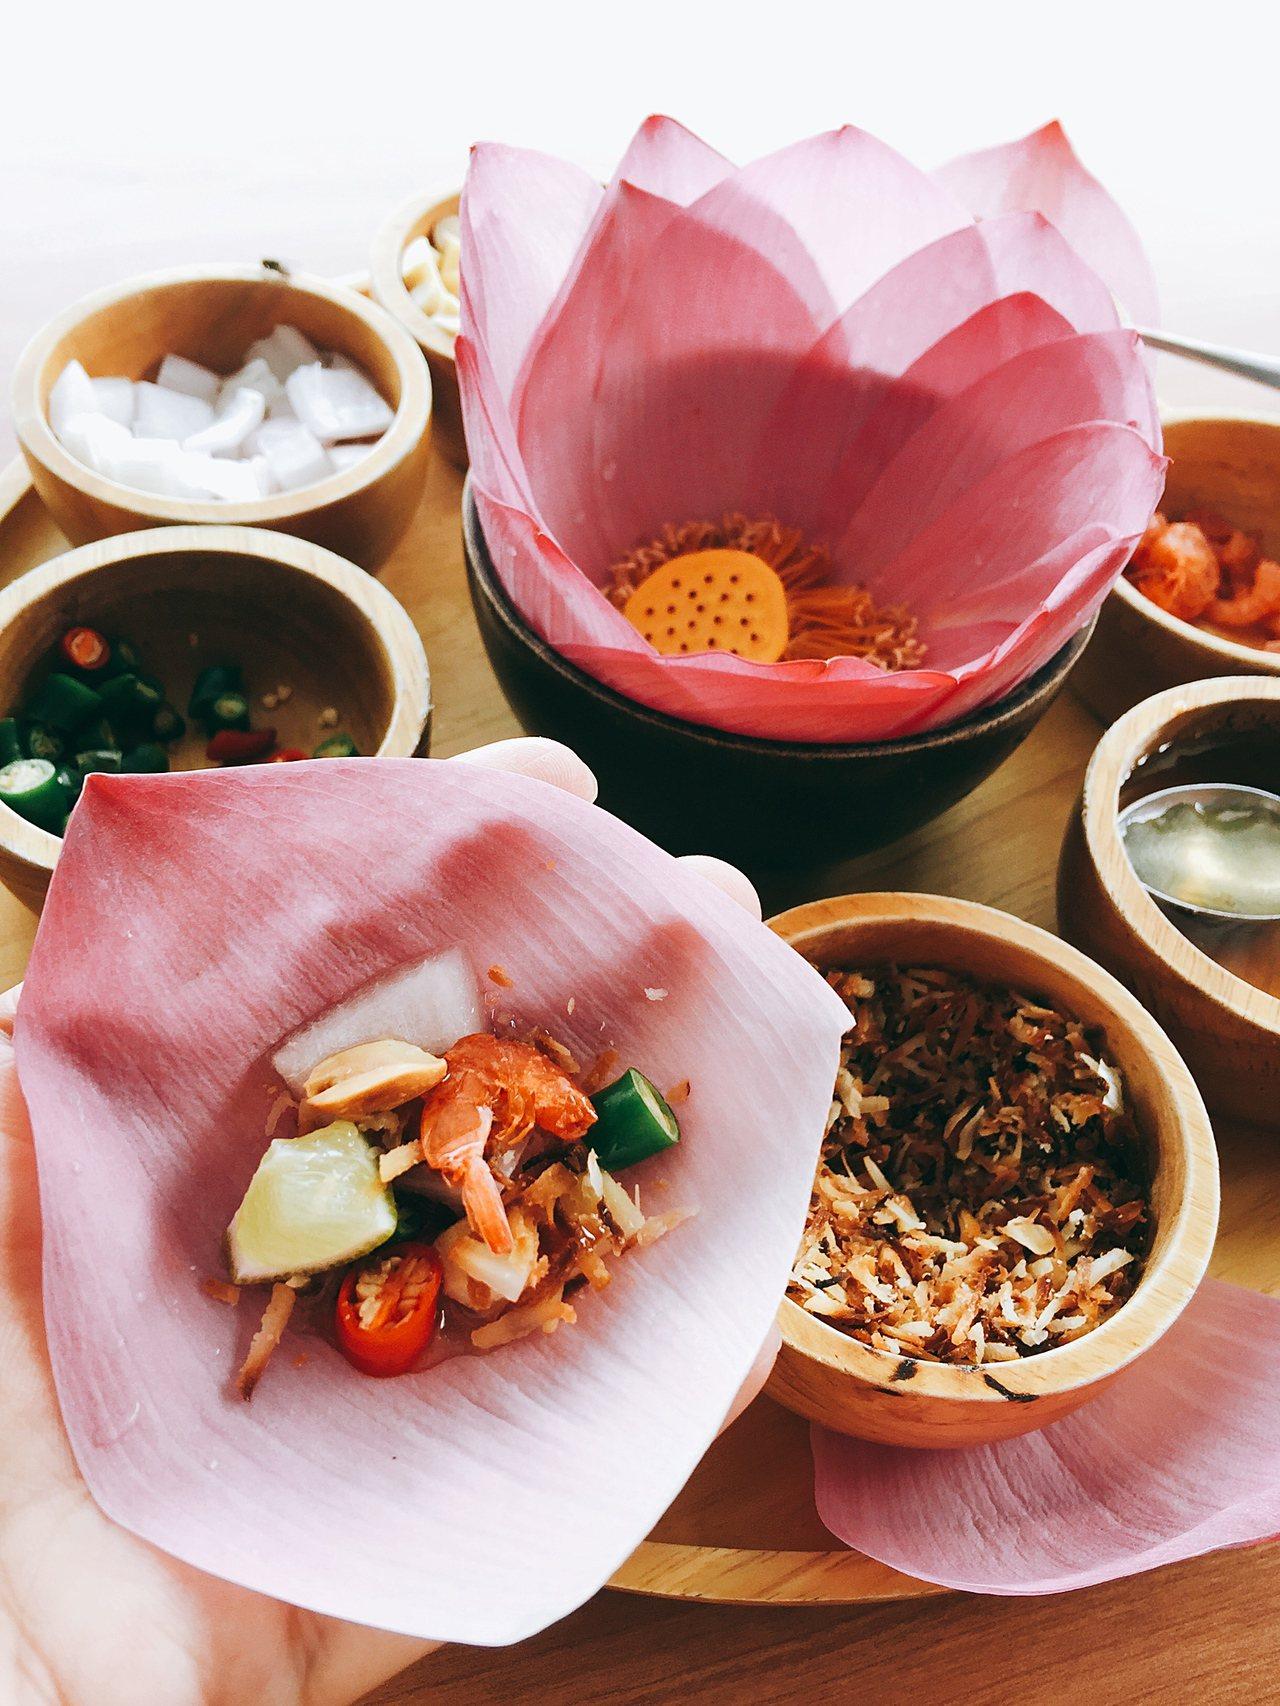 蓮花區特有的下午茶,精緻浪漫也美味。記者羅建怡/攝影